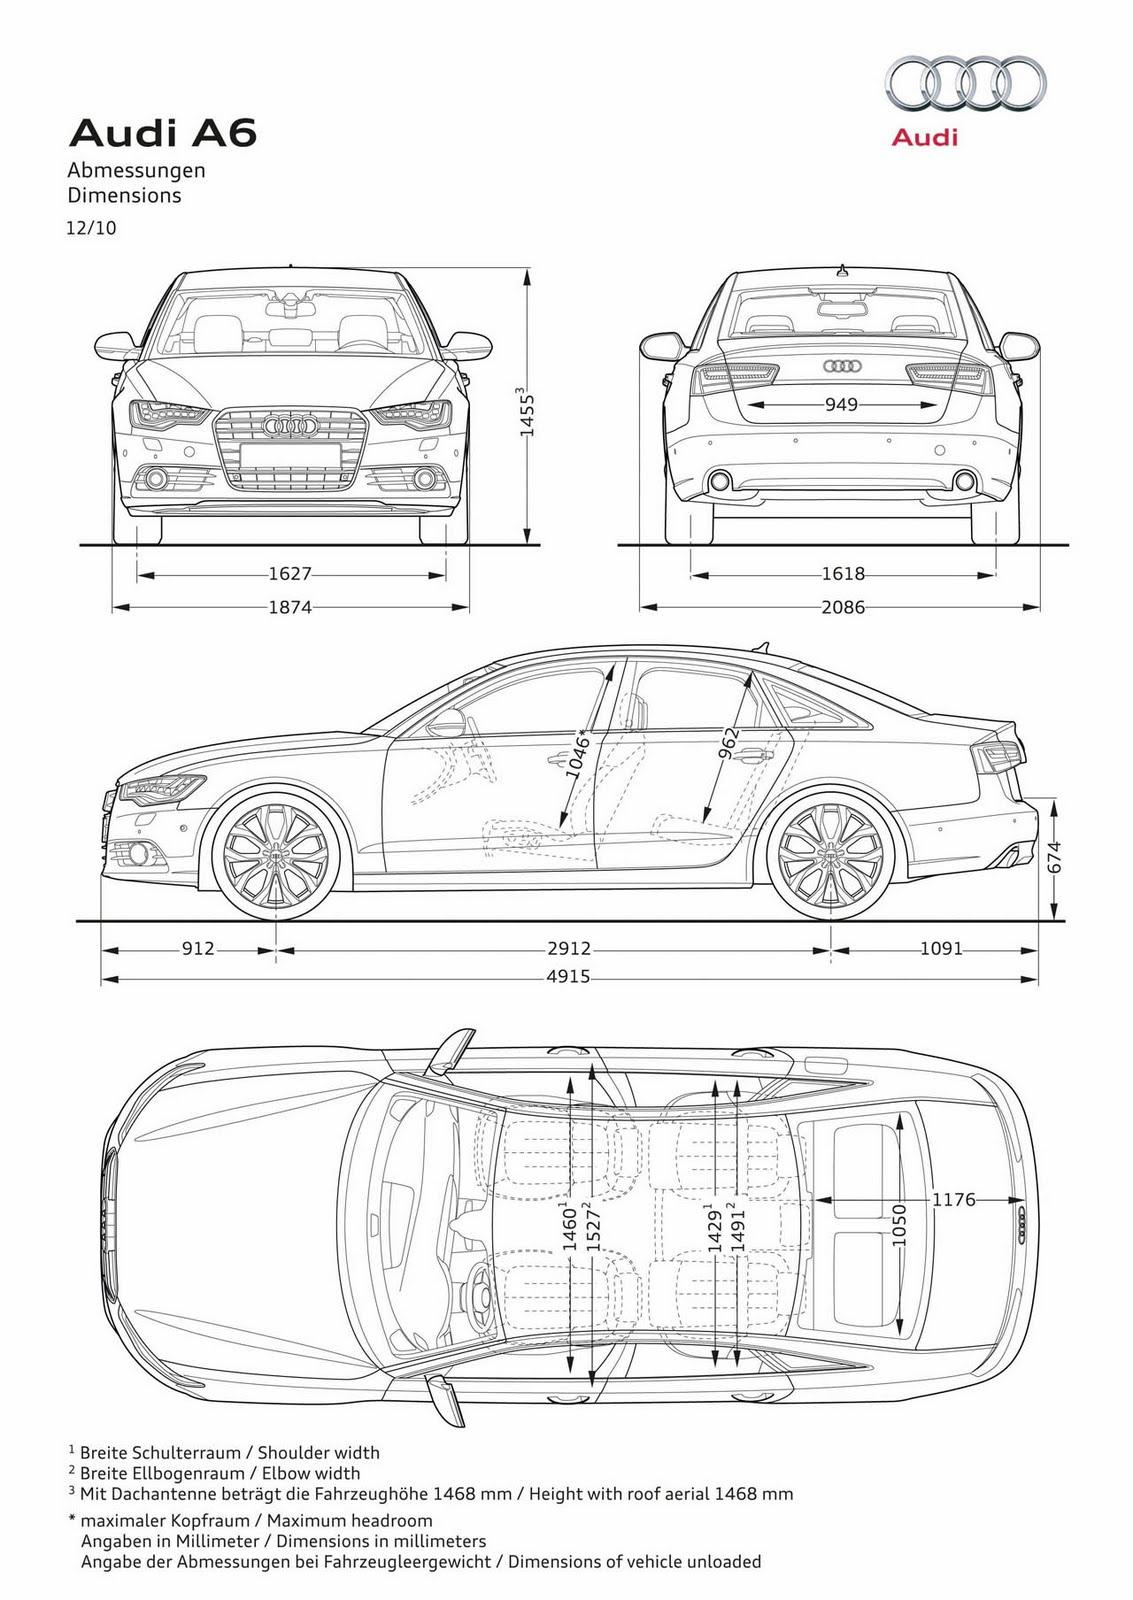 2012 Audi A6 Car Dimension